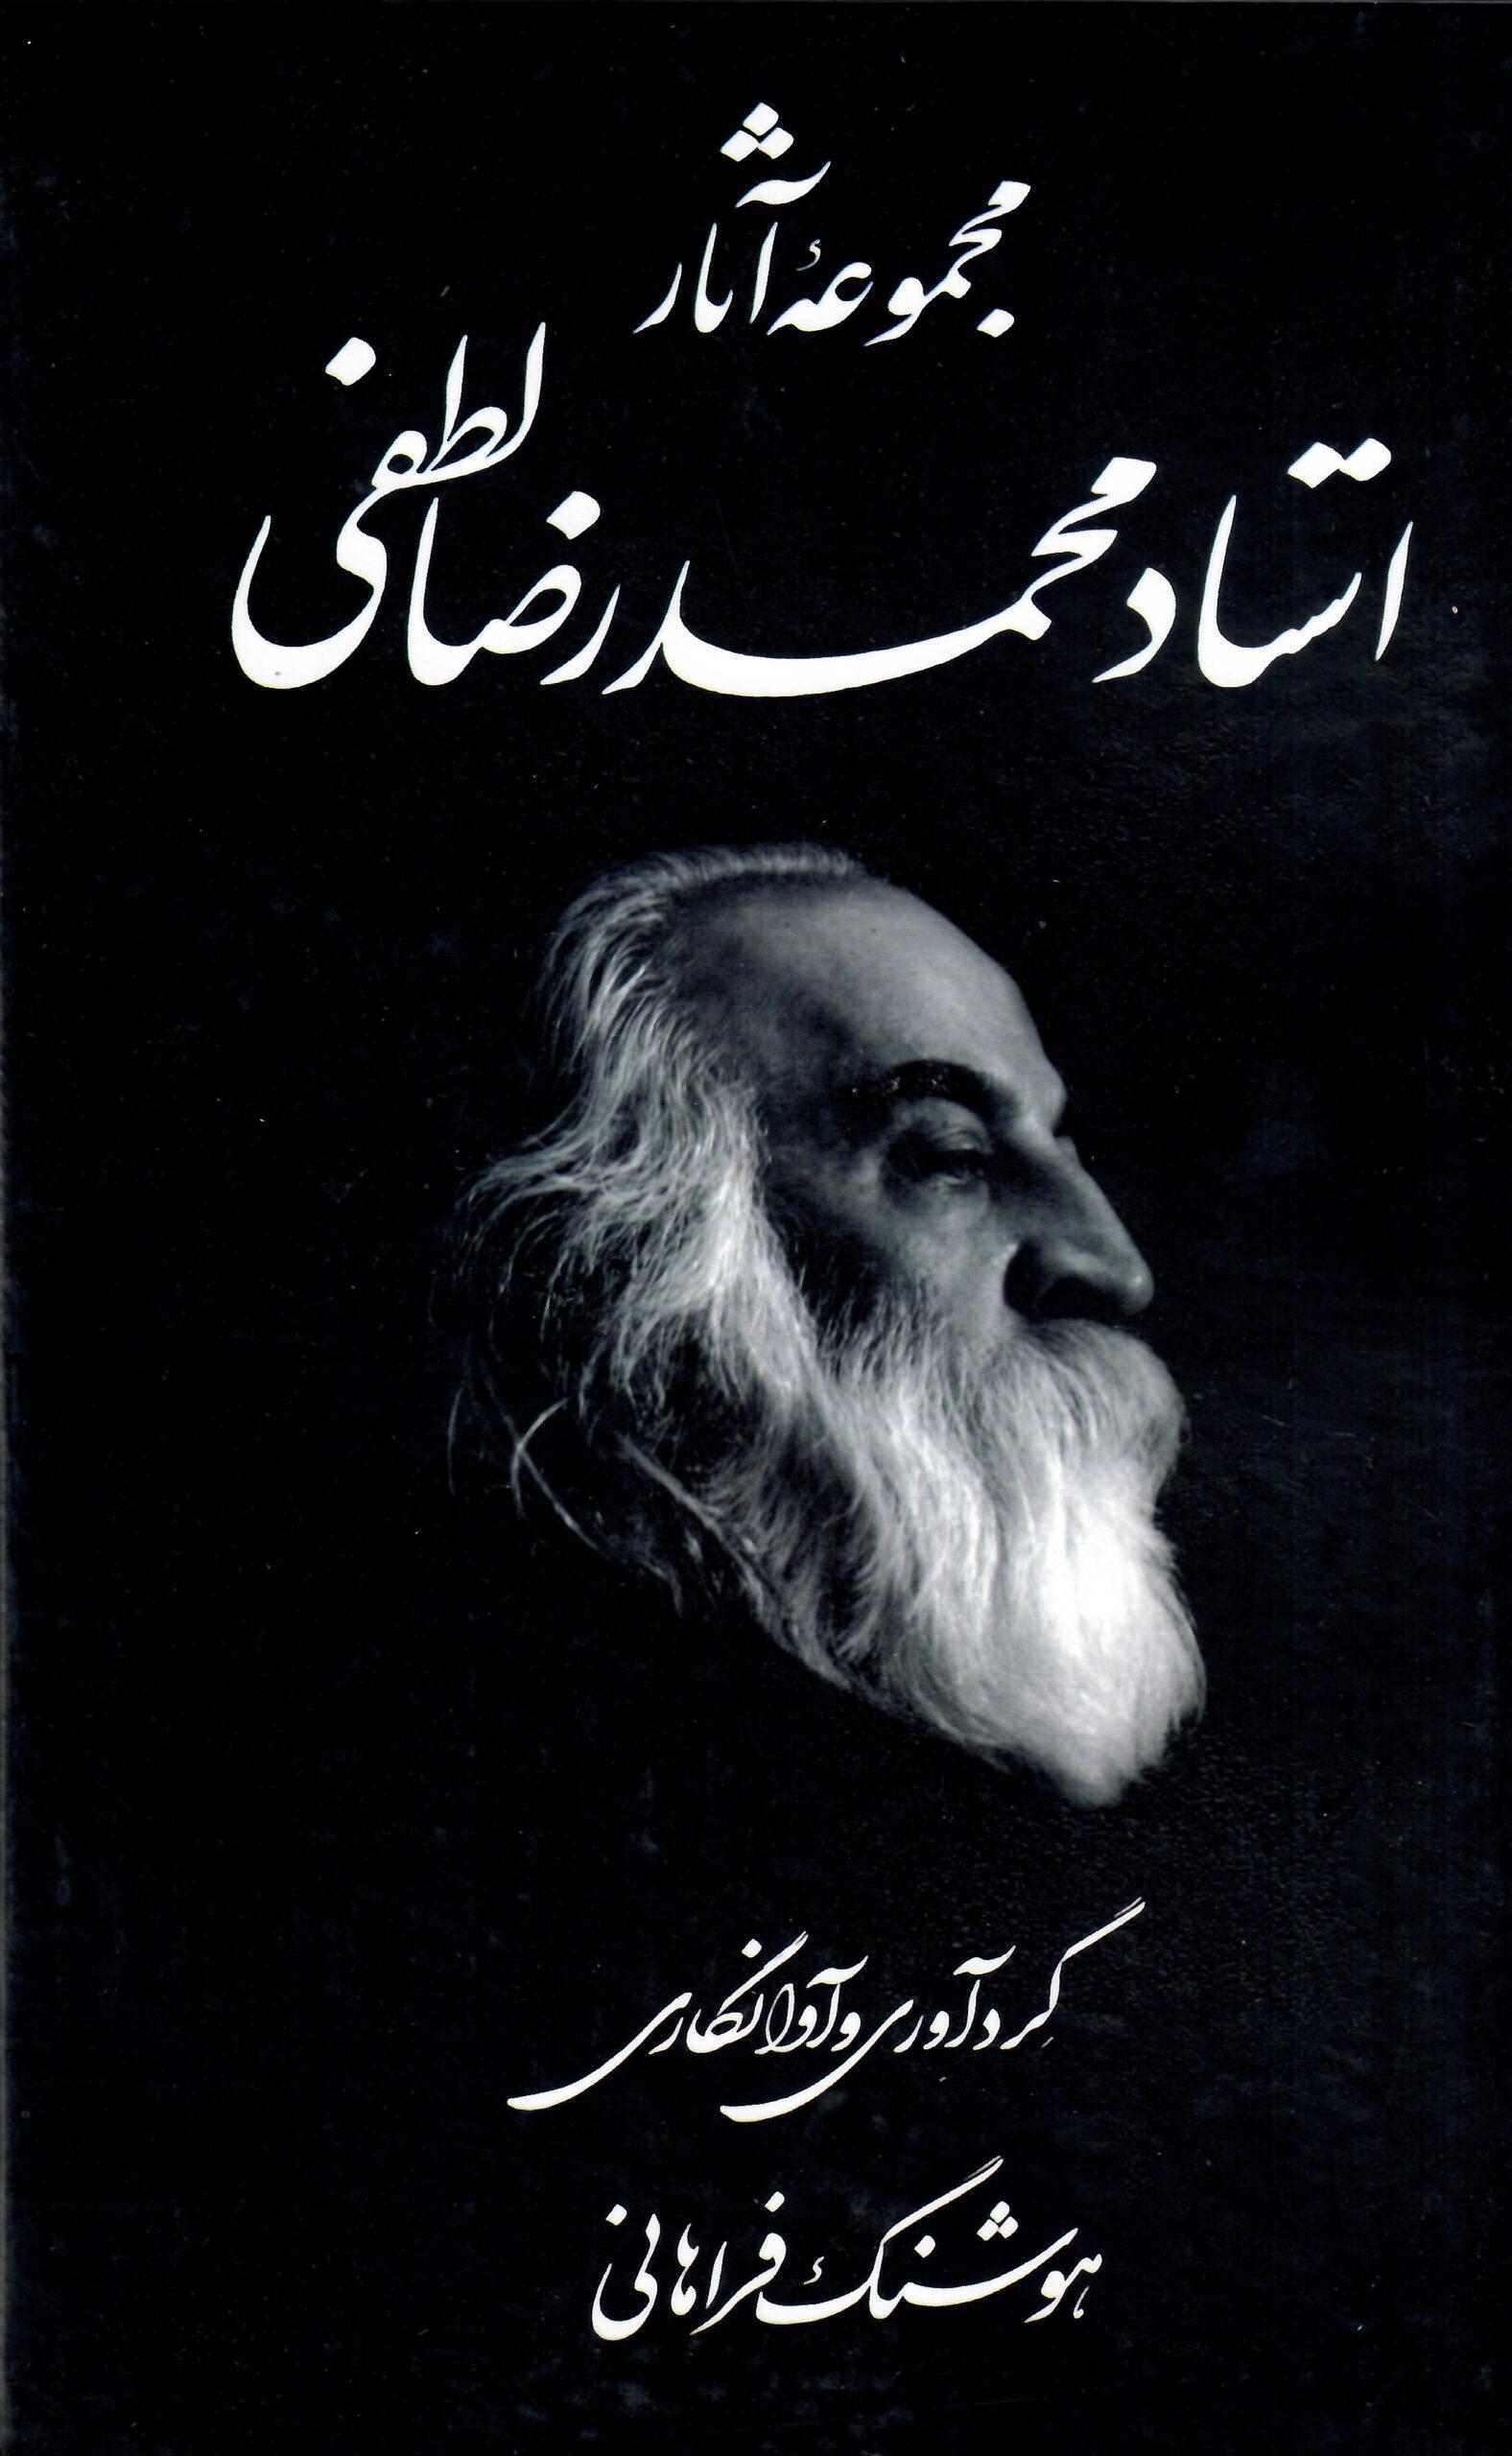 مجموعه آثار استاد محمدرضا لطفی با گردآوری هوشنگ فراهانی